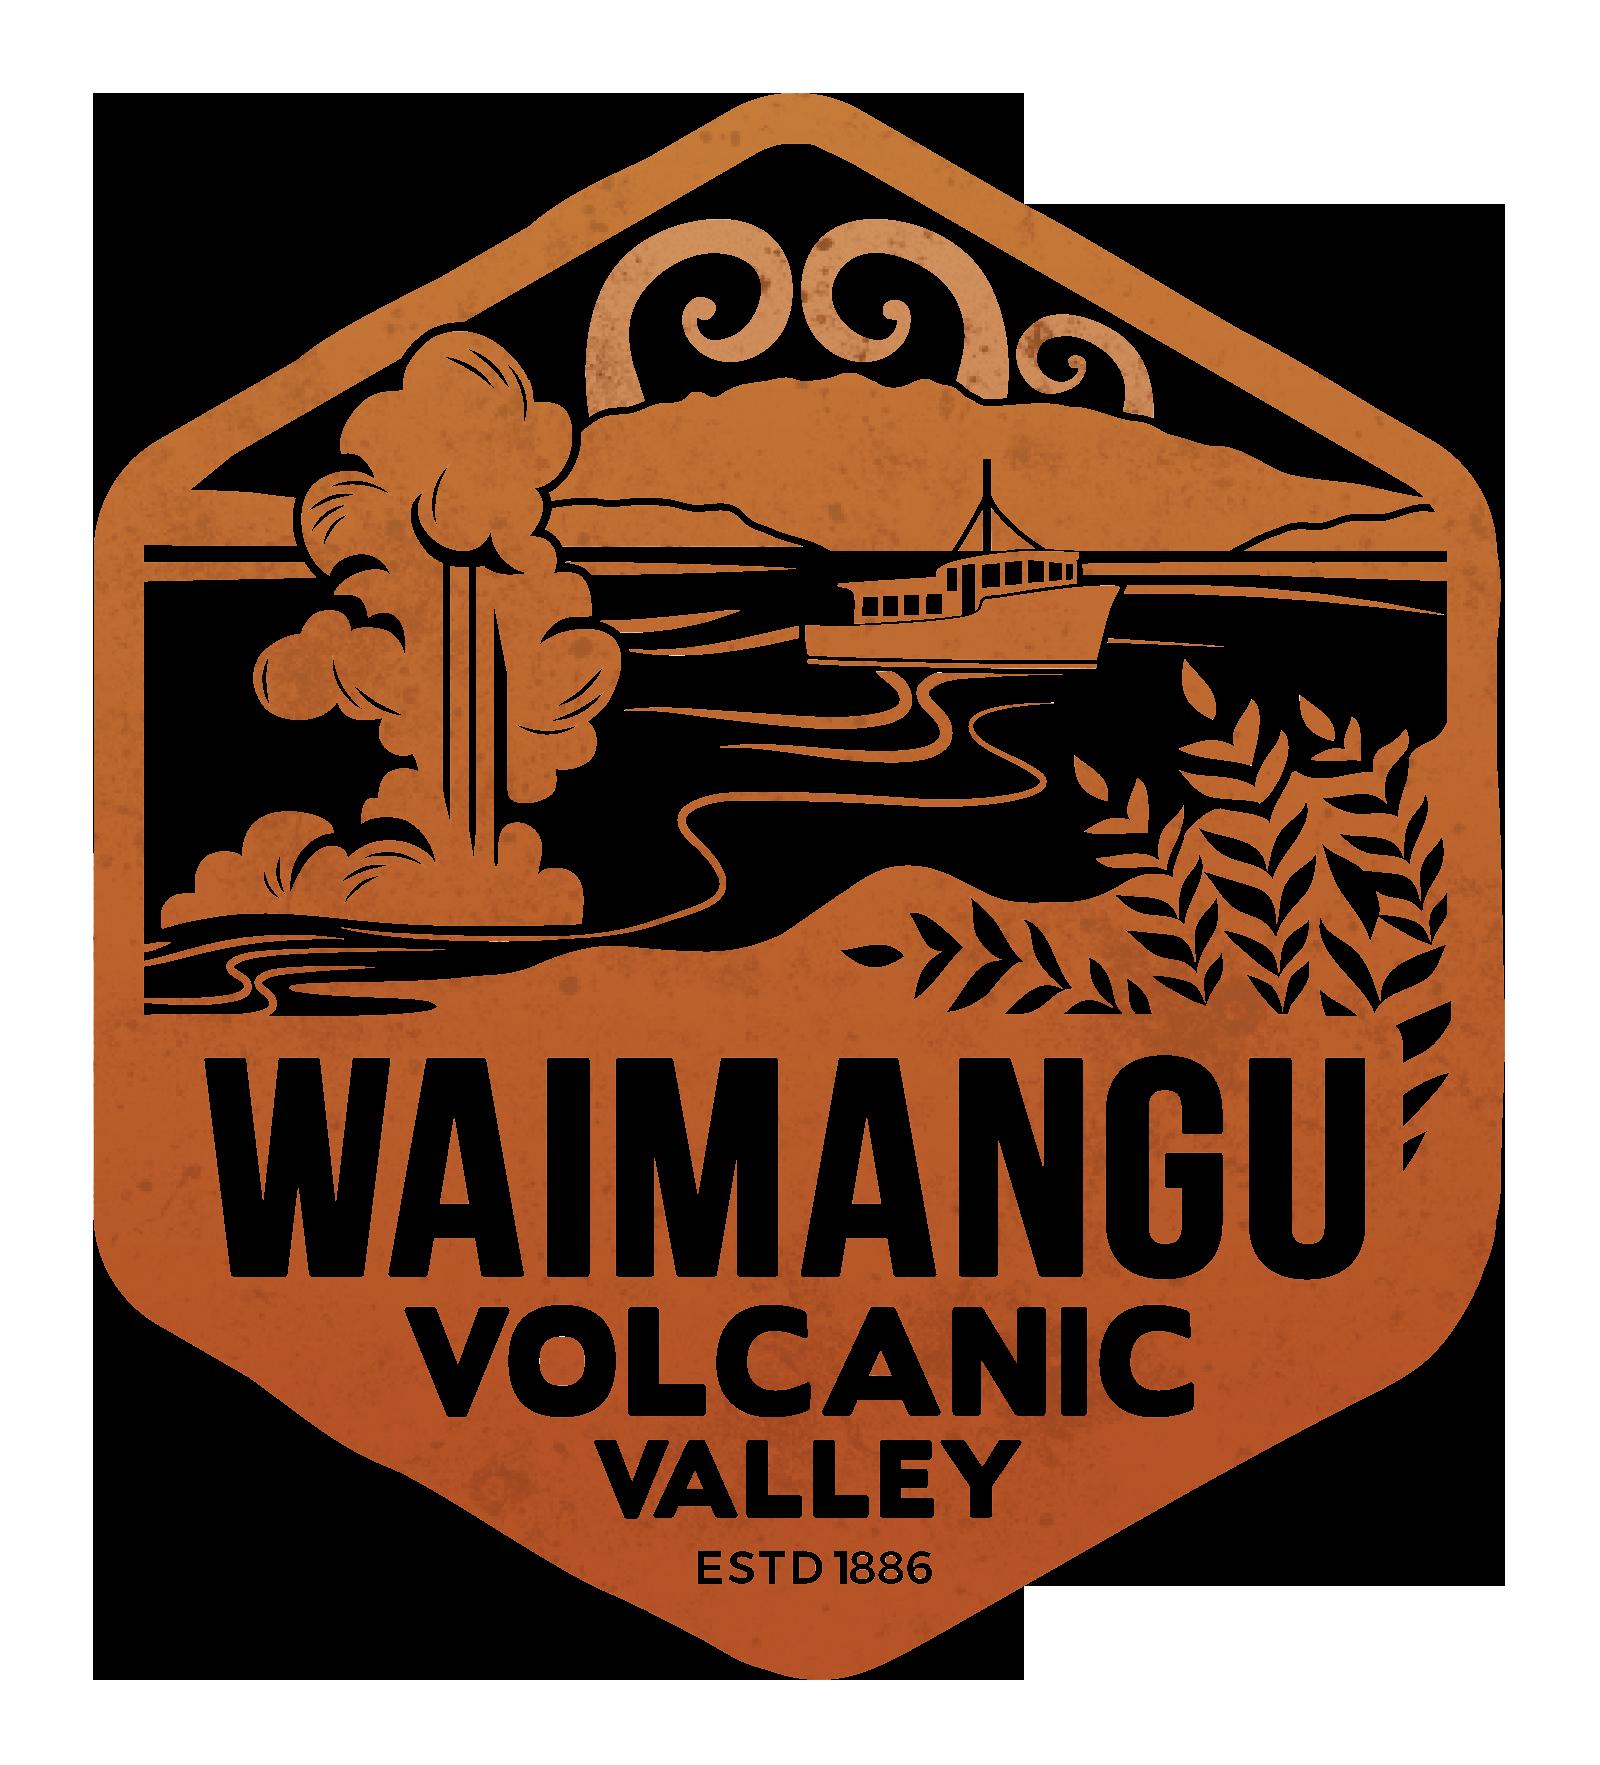 Waimangu Volcanic Valley Logo